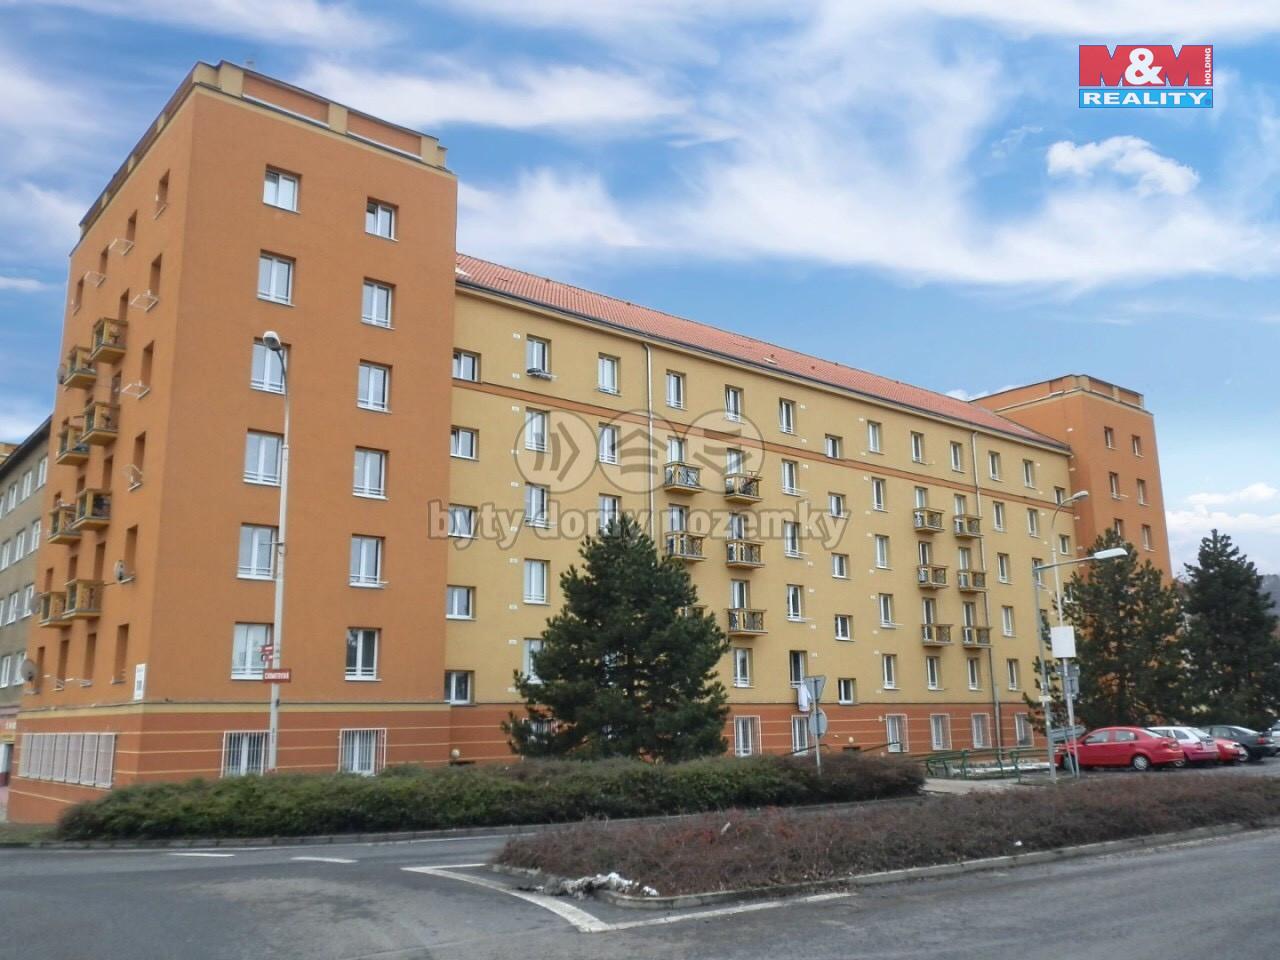 Prodej bytu 2+kk, 51 m², OV, Most, ul. tř. Budovatelů